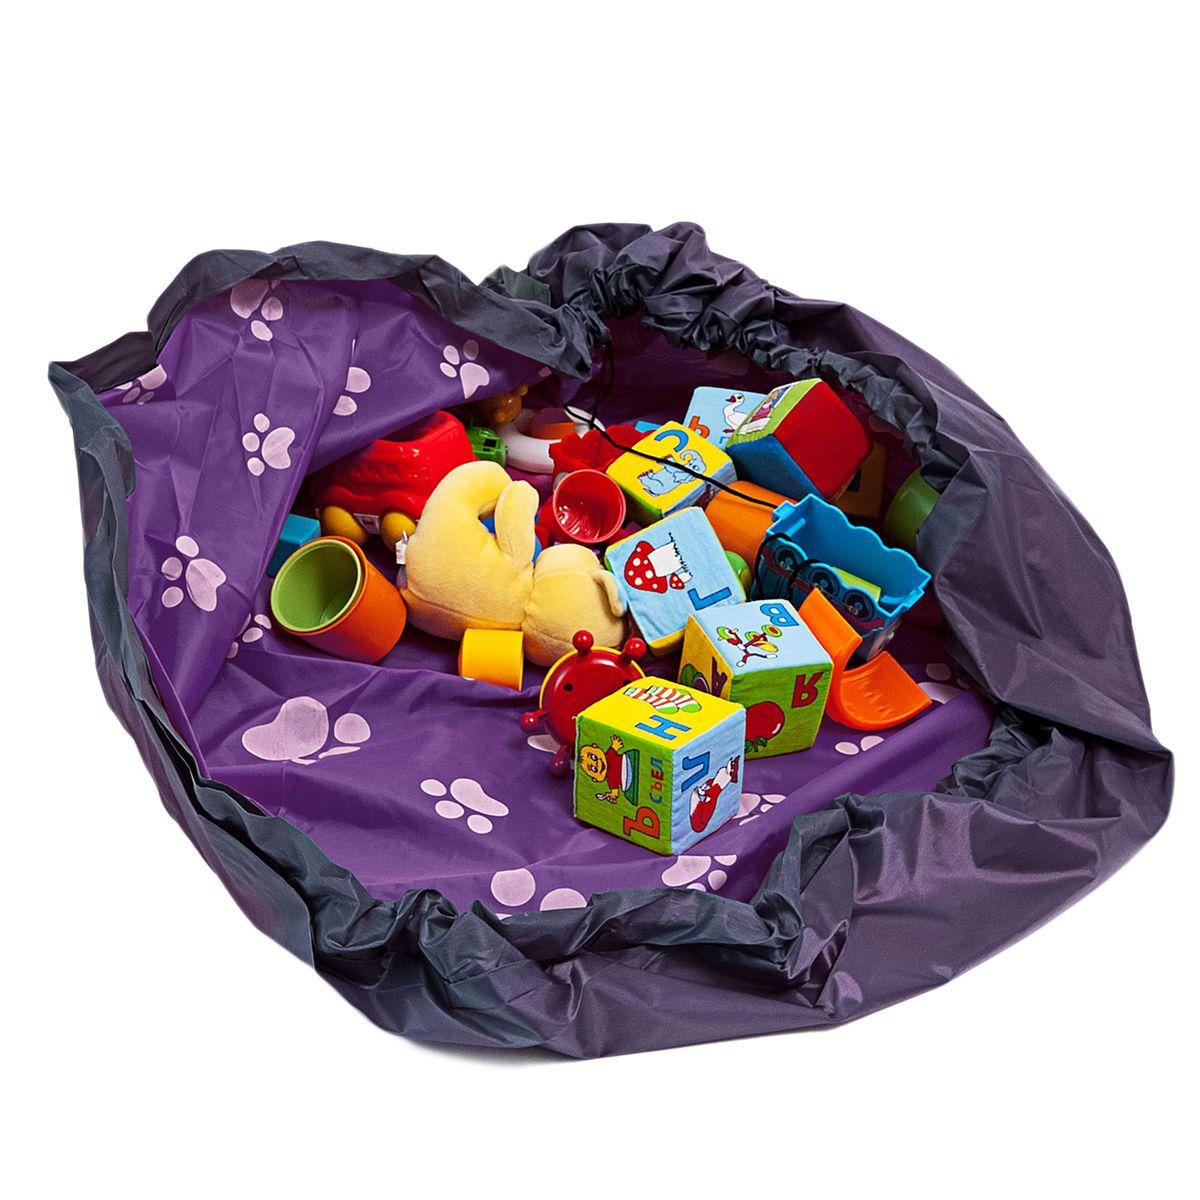 Сумка-коврик Homsu  Лужайка , цвет: фиолетовый, 150х150 см - Подушки, пледы, коврики